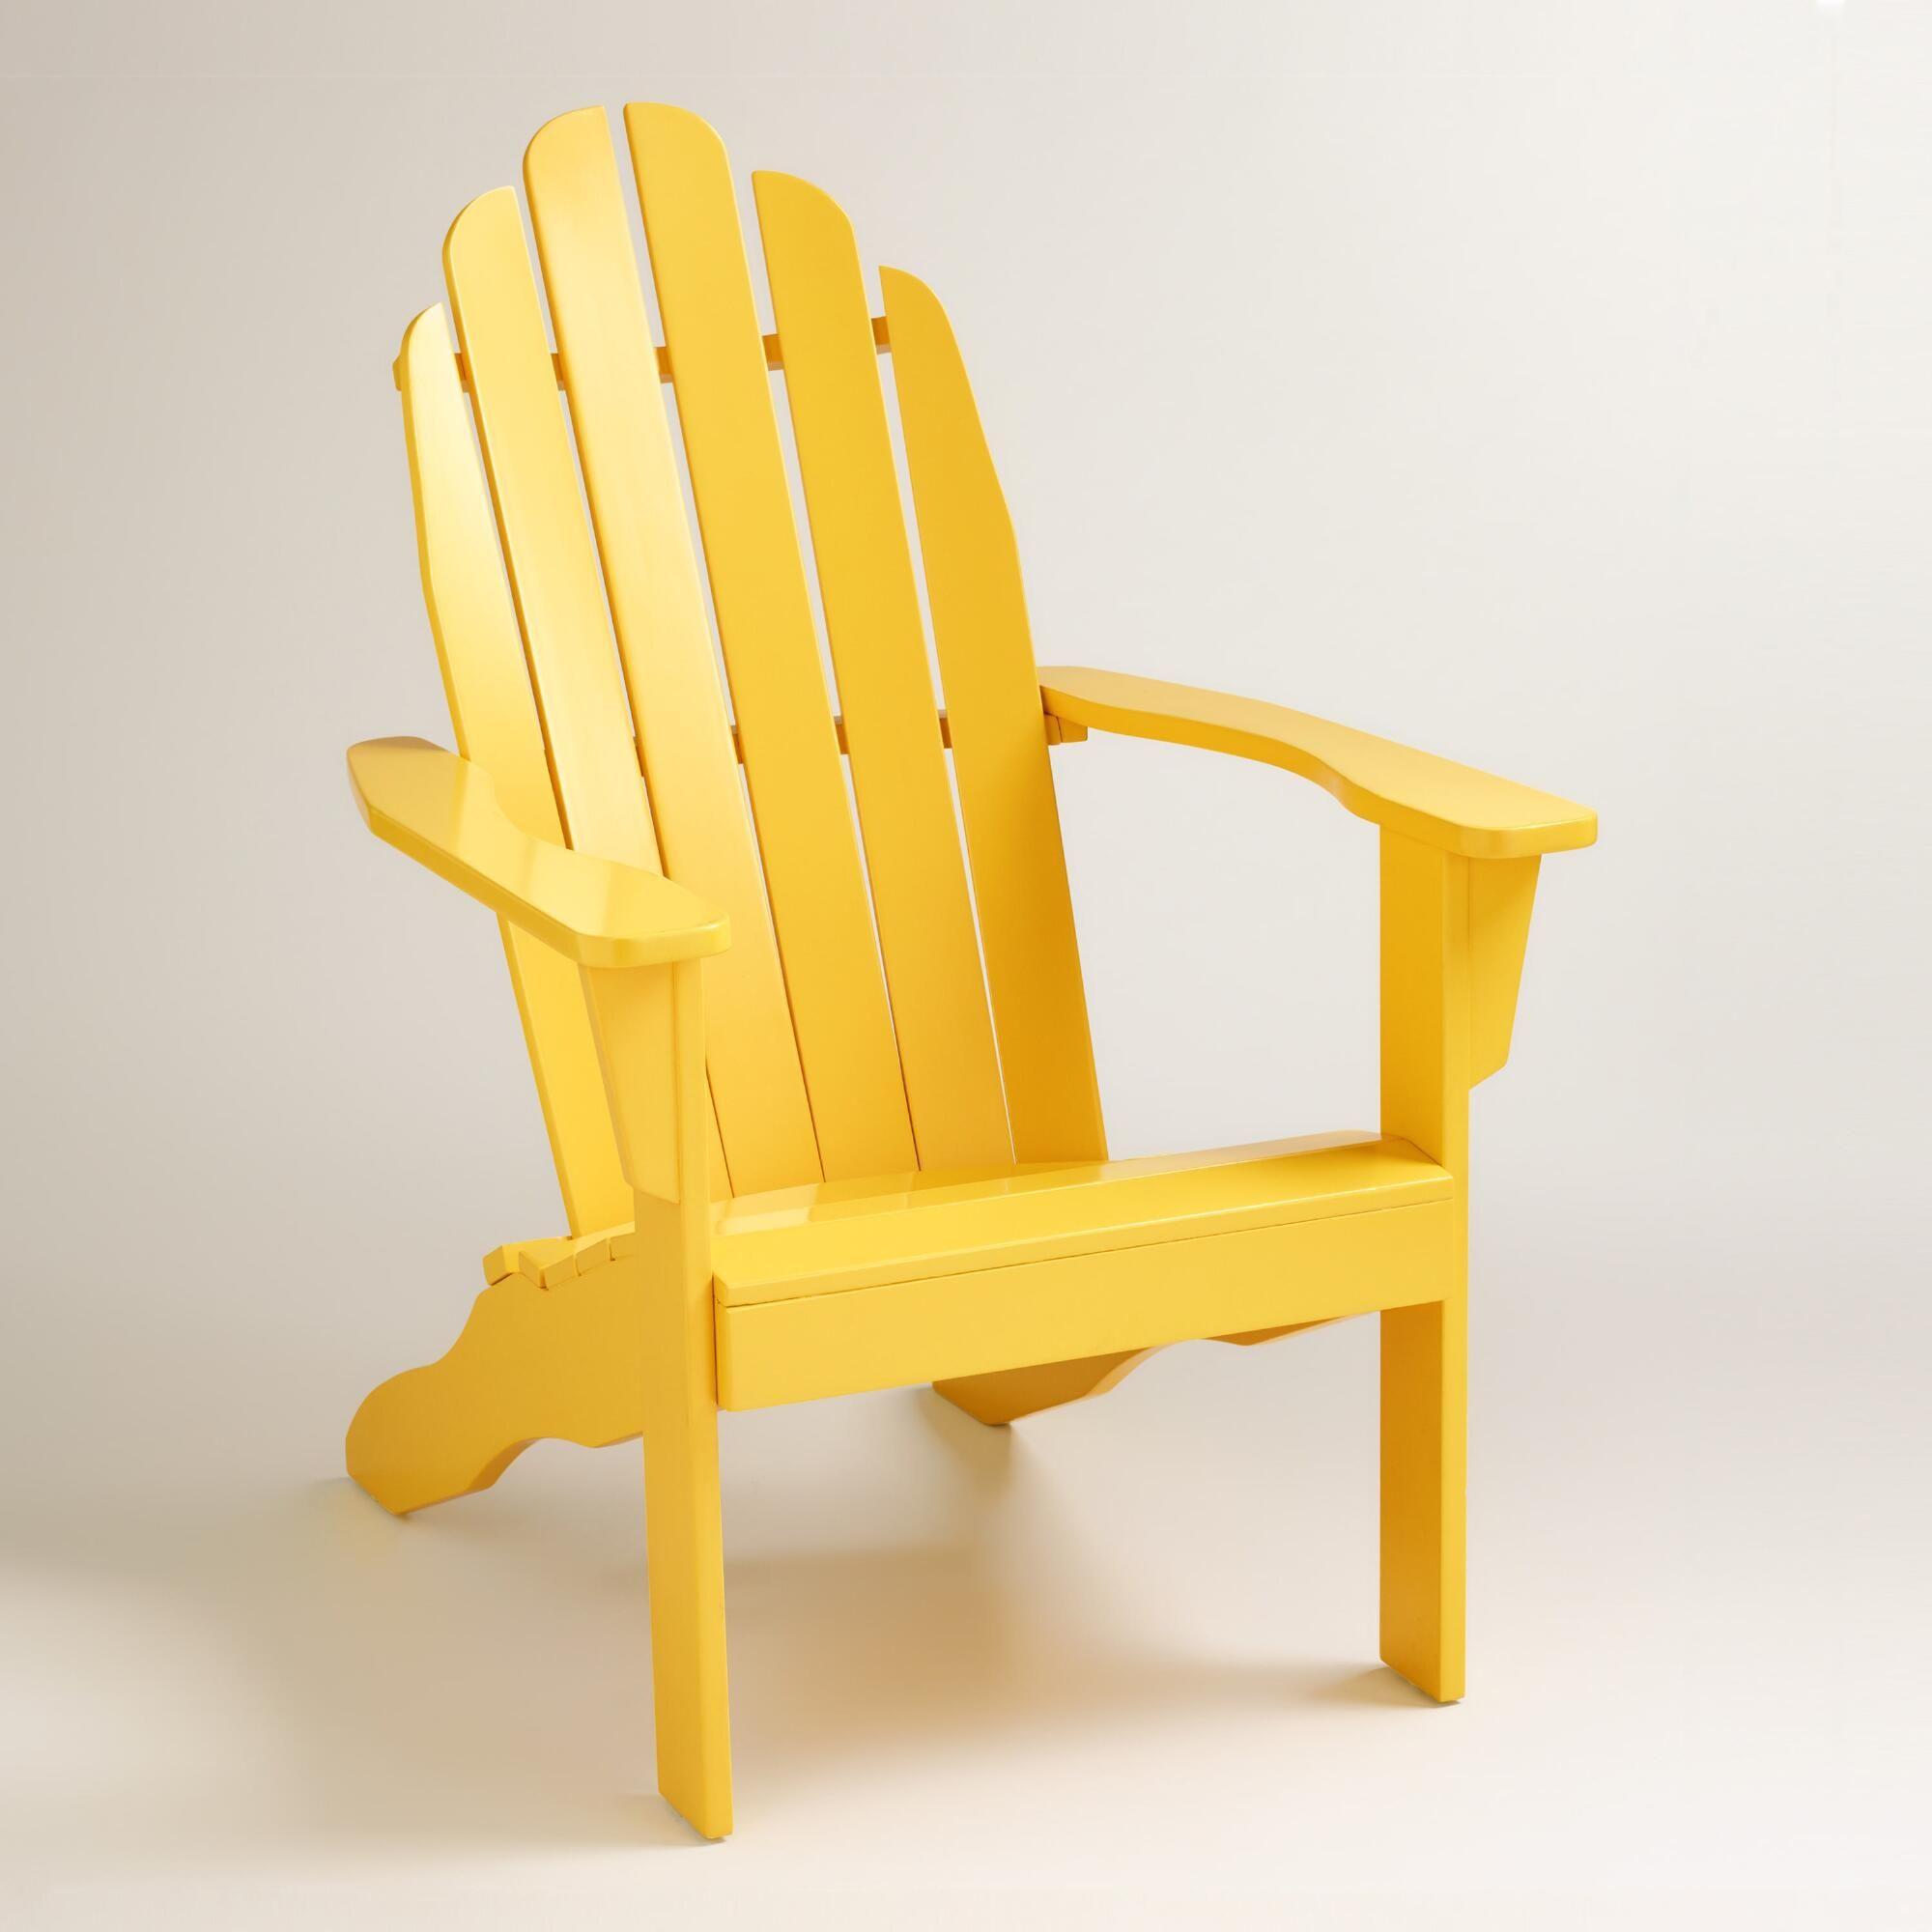 Lemon Adirondack Chair | Productos, Mercado mundial y Sillas